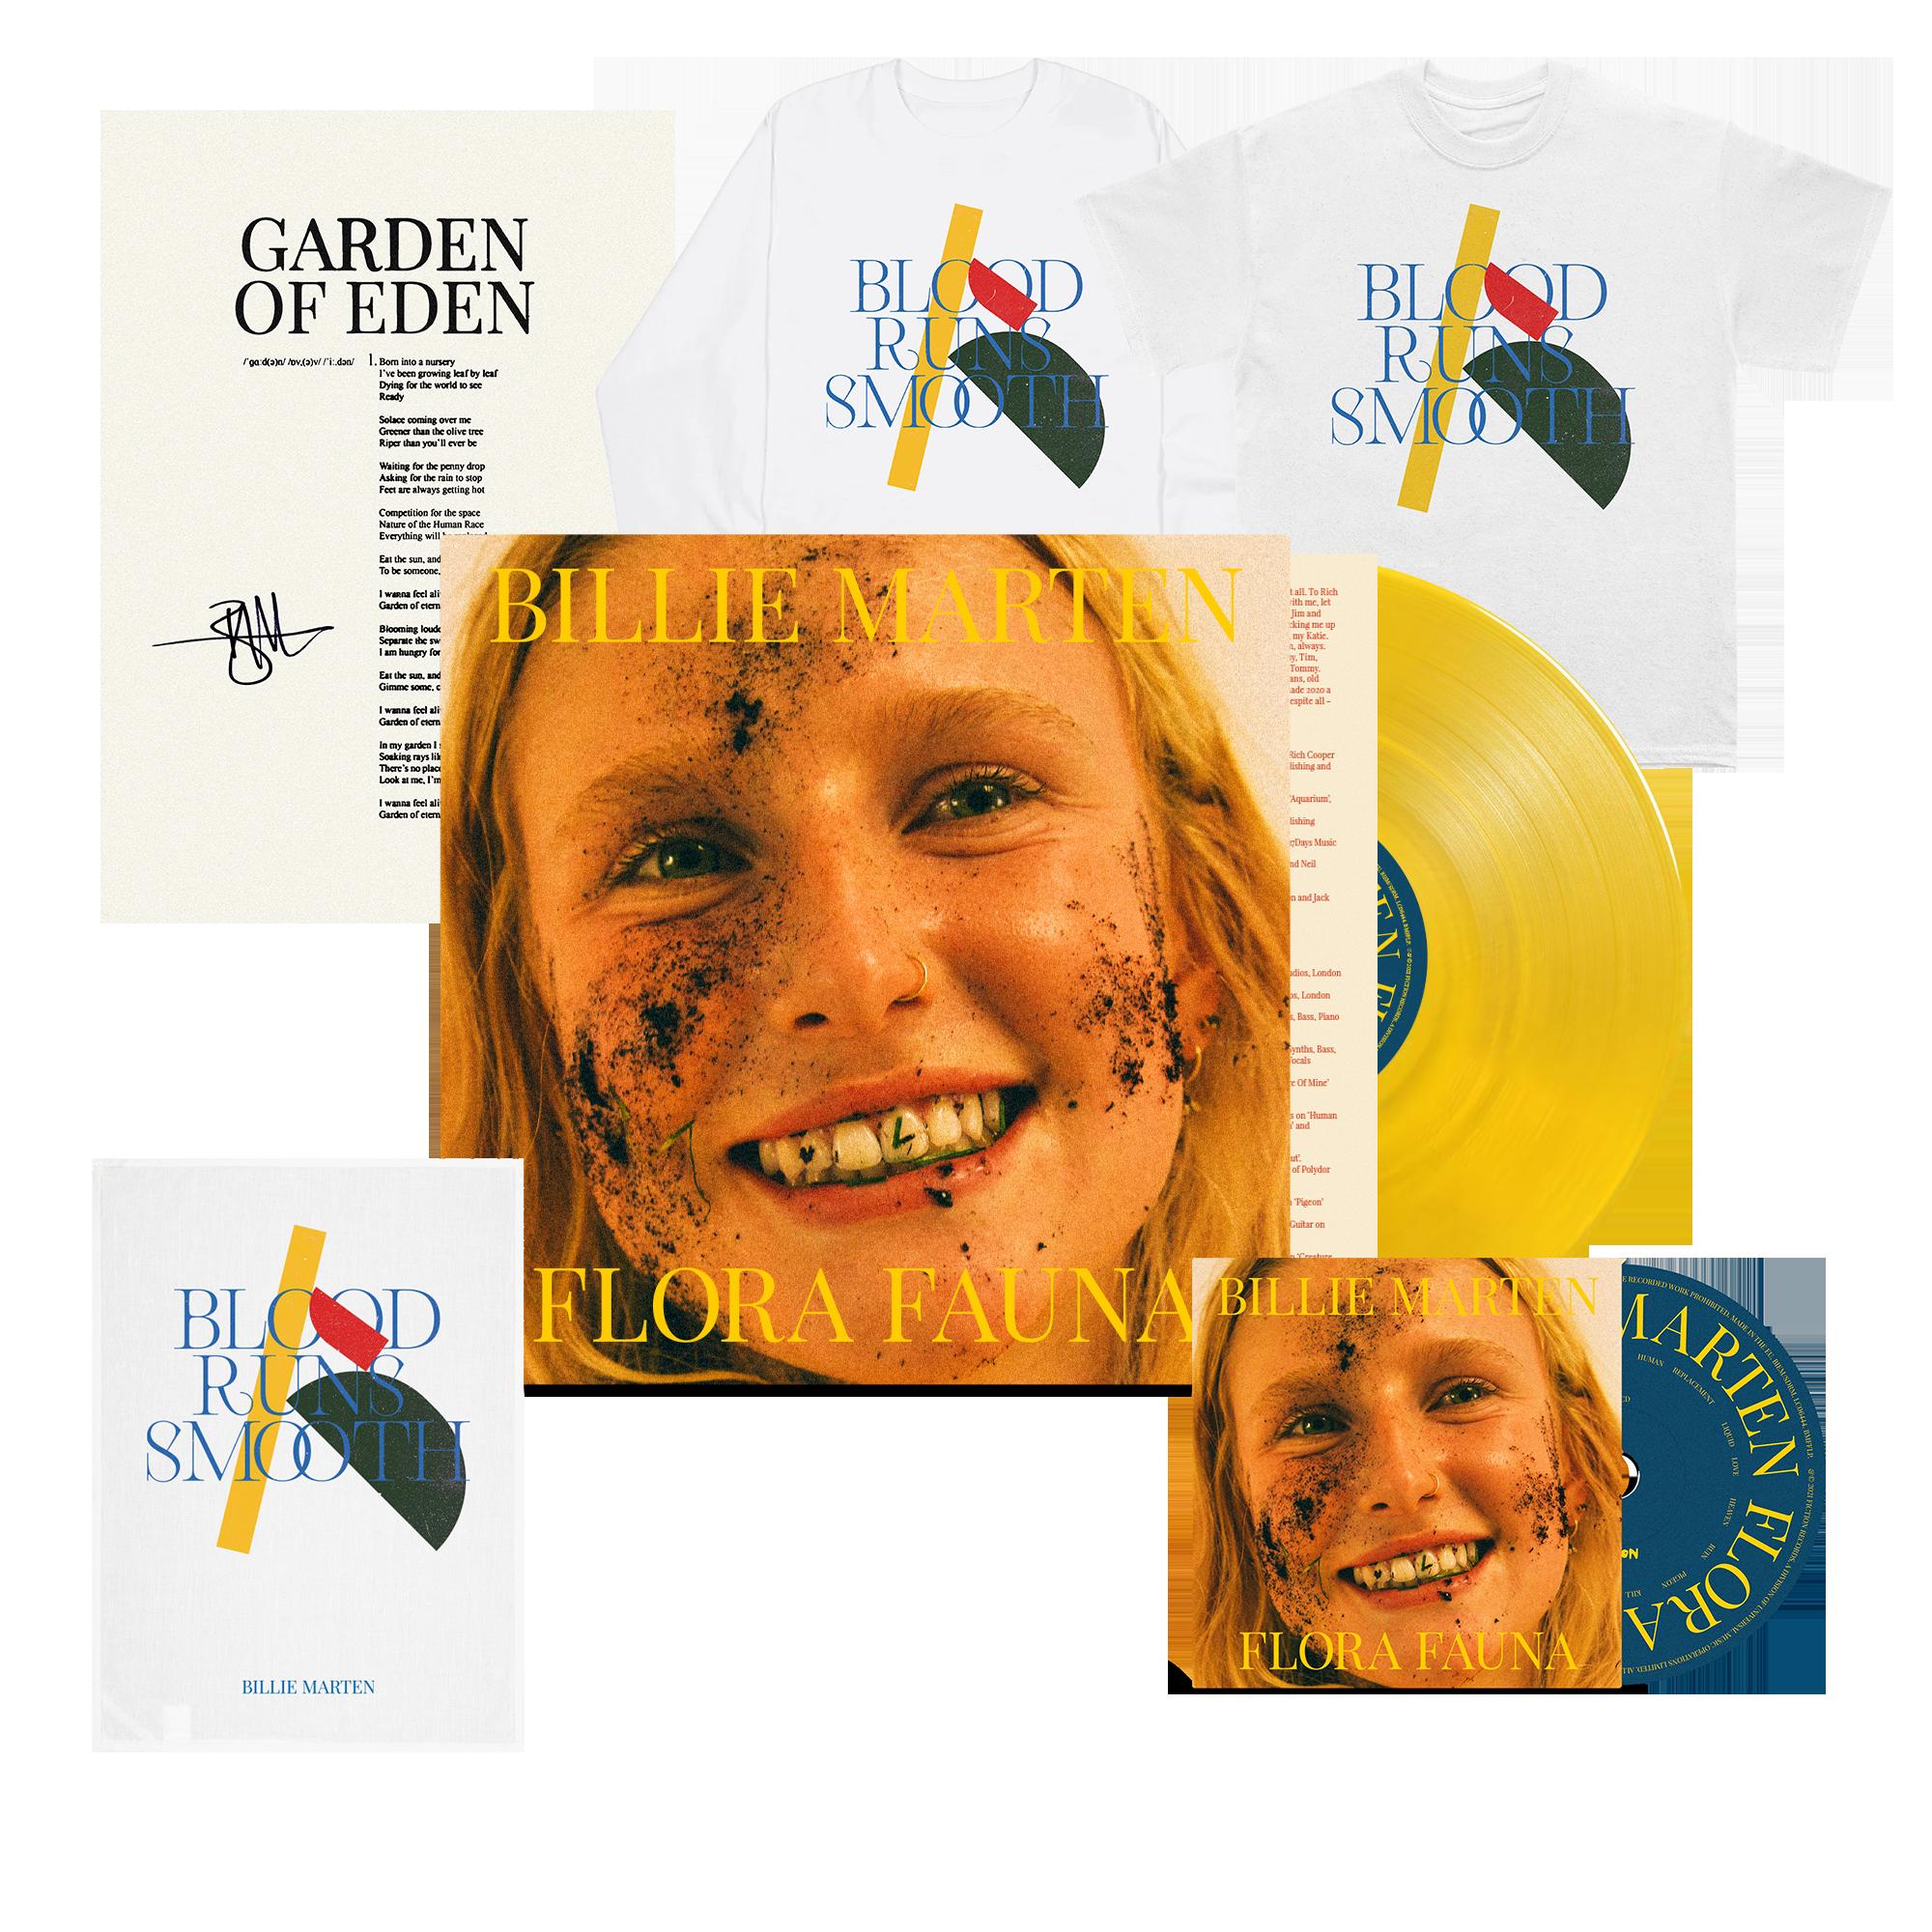 Flora Fauna CD + Transparent Sun Yellow Vinyl + Blood Runs T-Shirt + Long Sleeve + Tea Towel + Signed Lyric Sheet